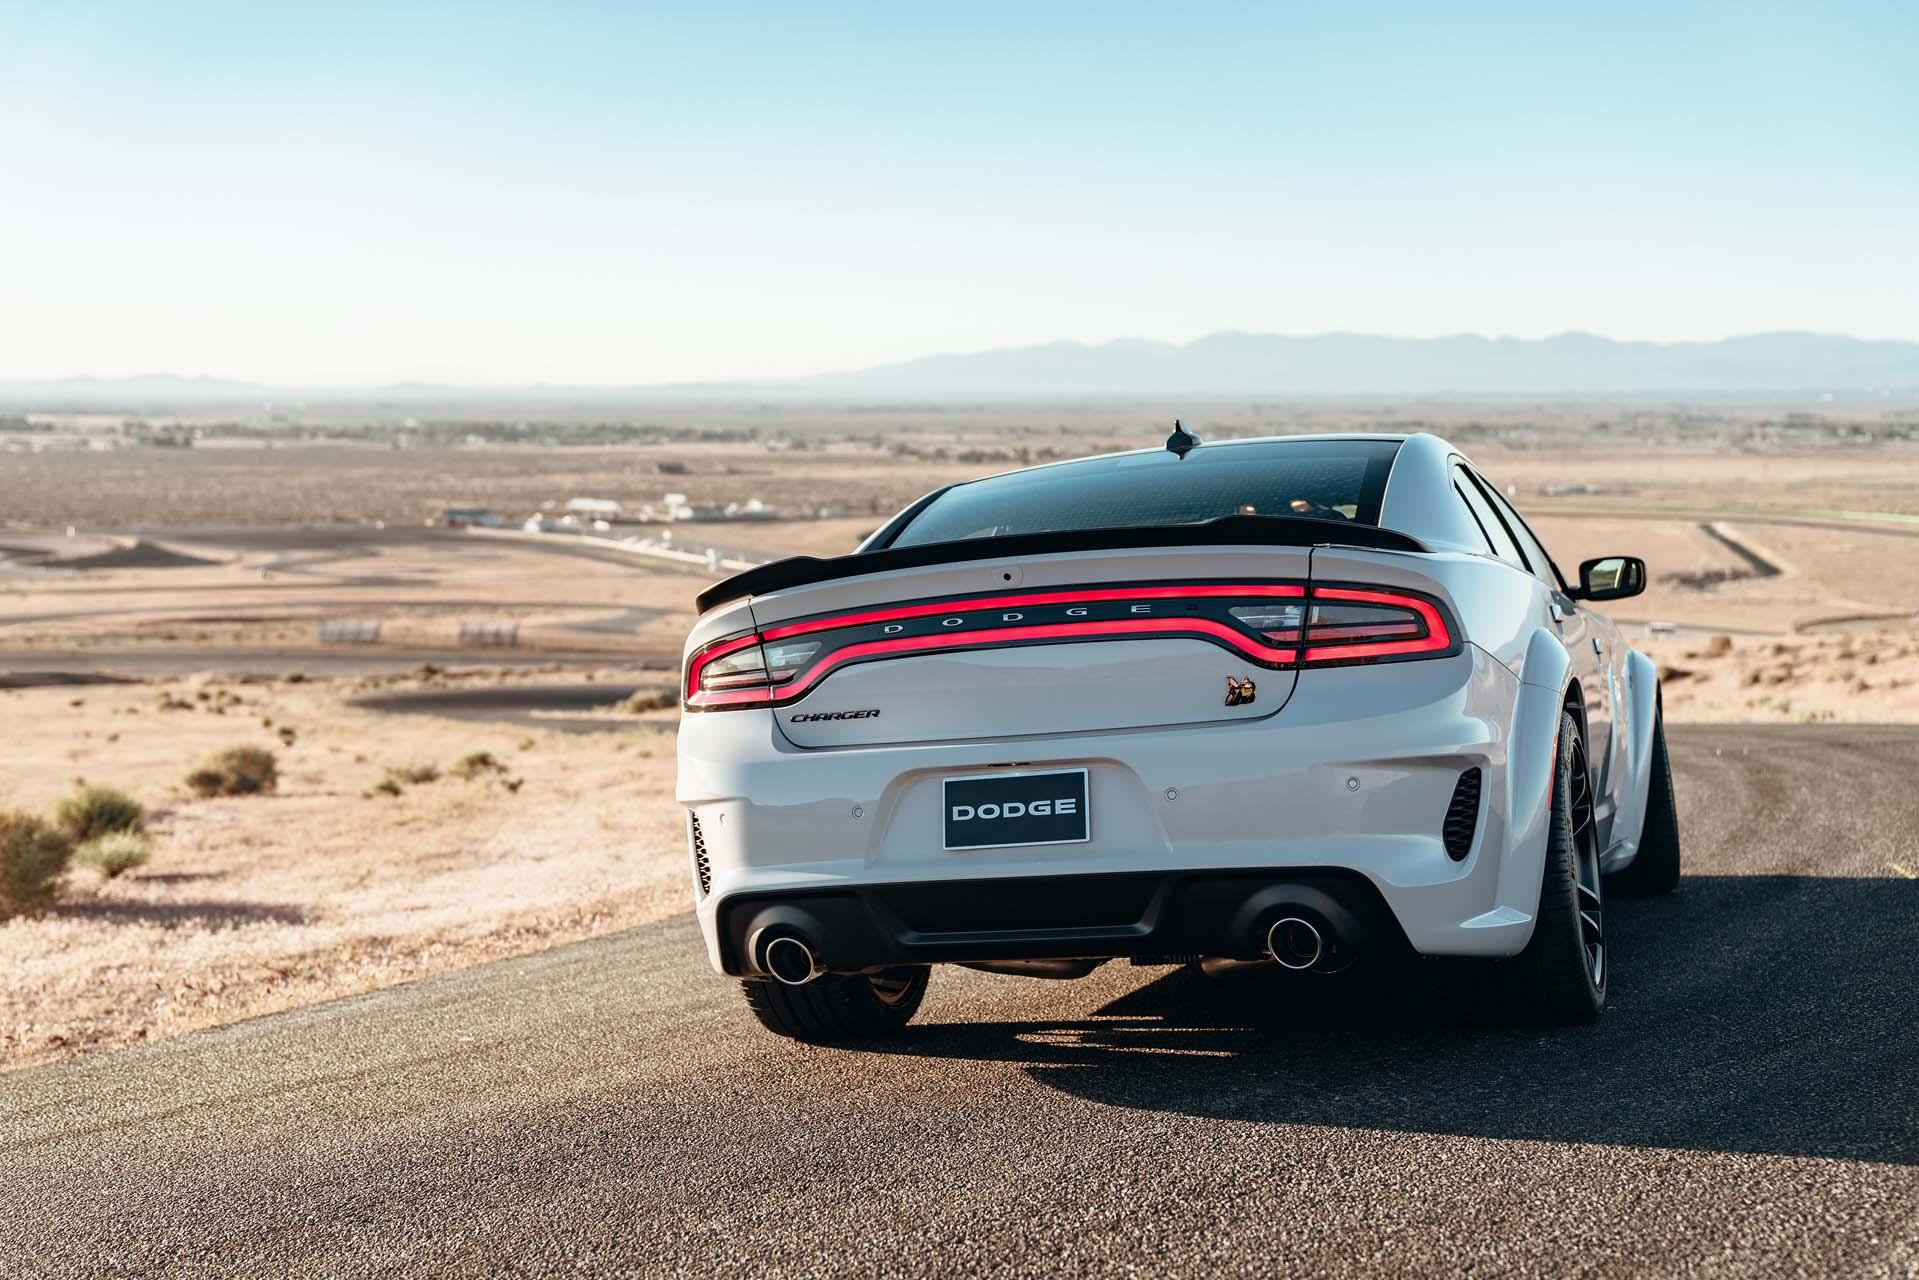 A legolcsóbb Dodge Charger